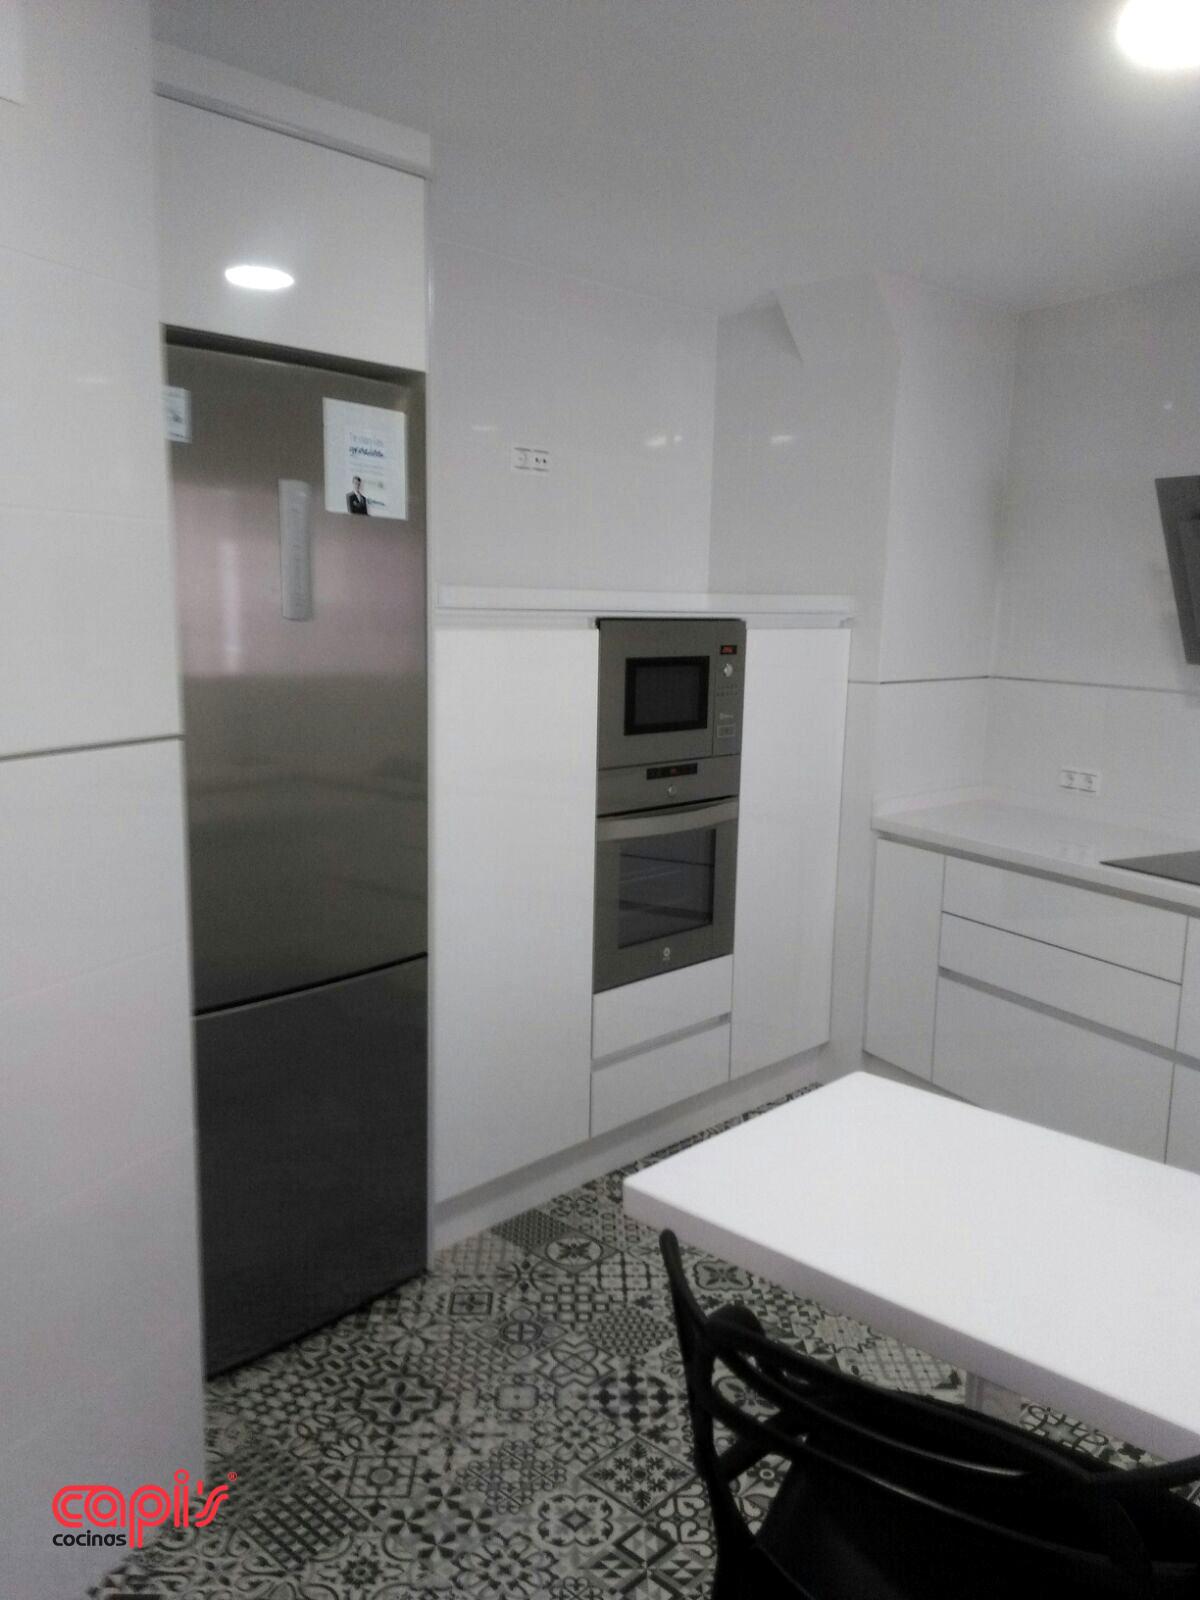 Cocina blanco sobre blanco cocinas capis dise o y for Cocina blanca electrodomesticos blancos